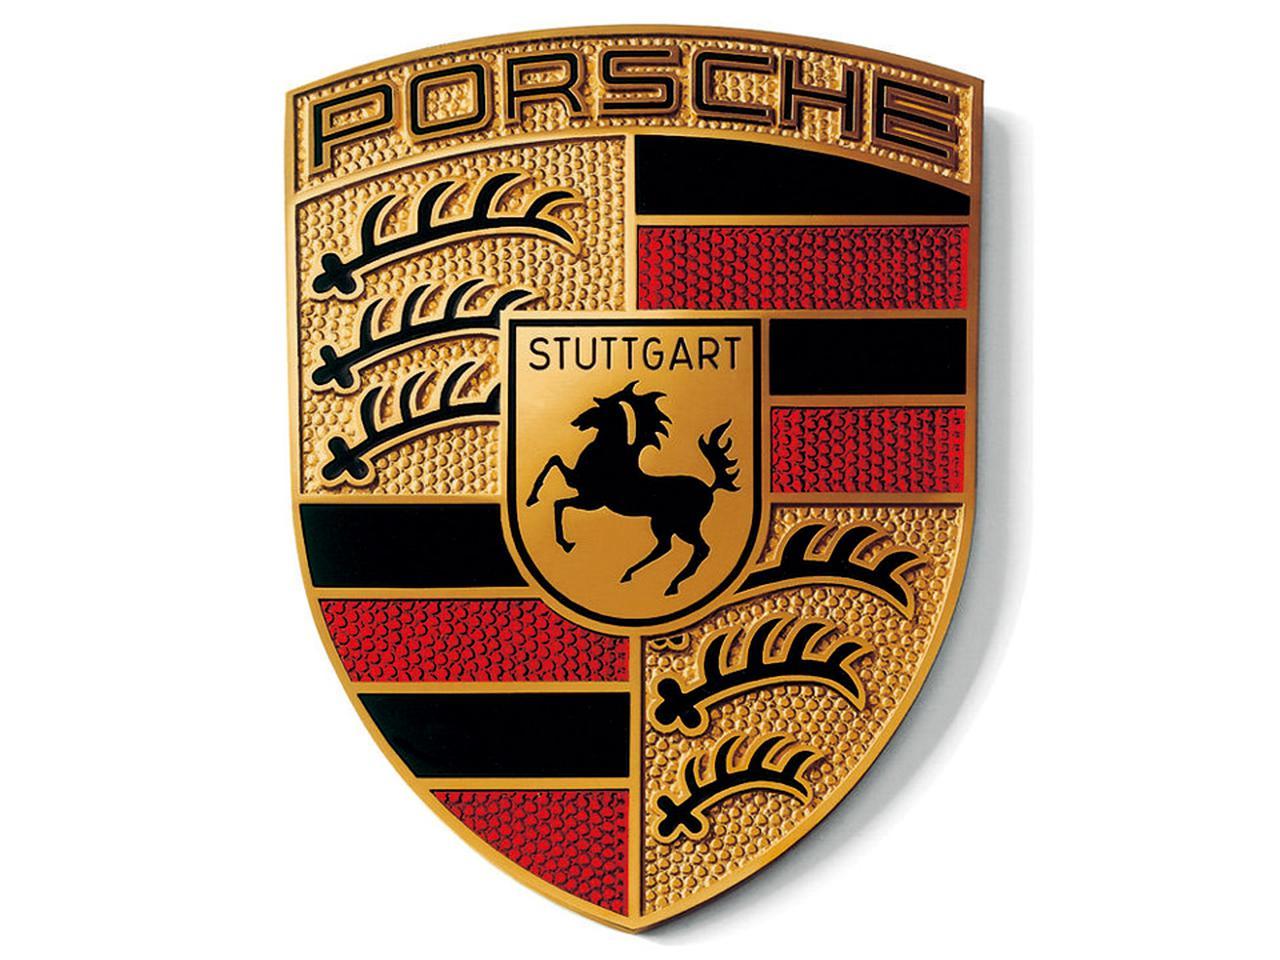 ポルシェジャパンが東京大学との共催で、中高生対象のスカラーシップ「LEARN with Porsche」の一般公募を開始